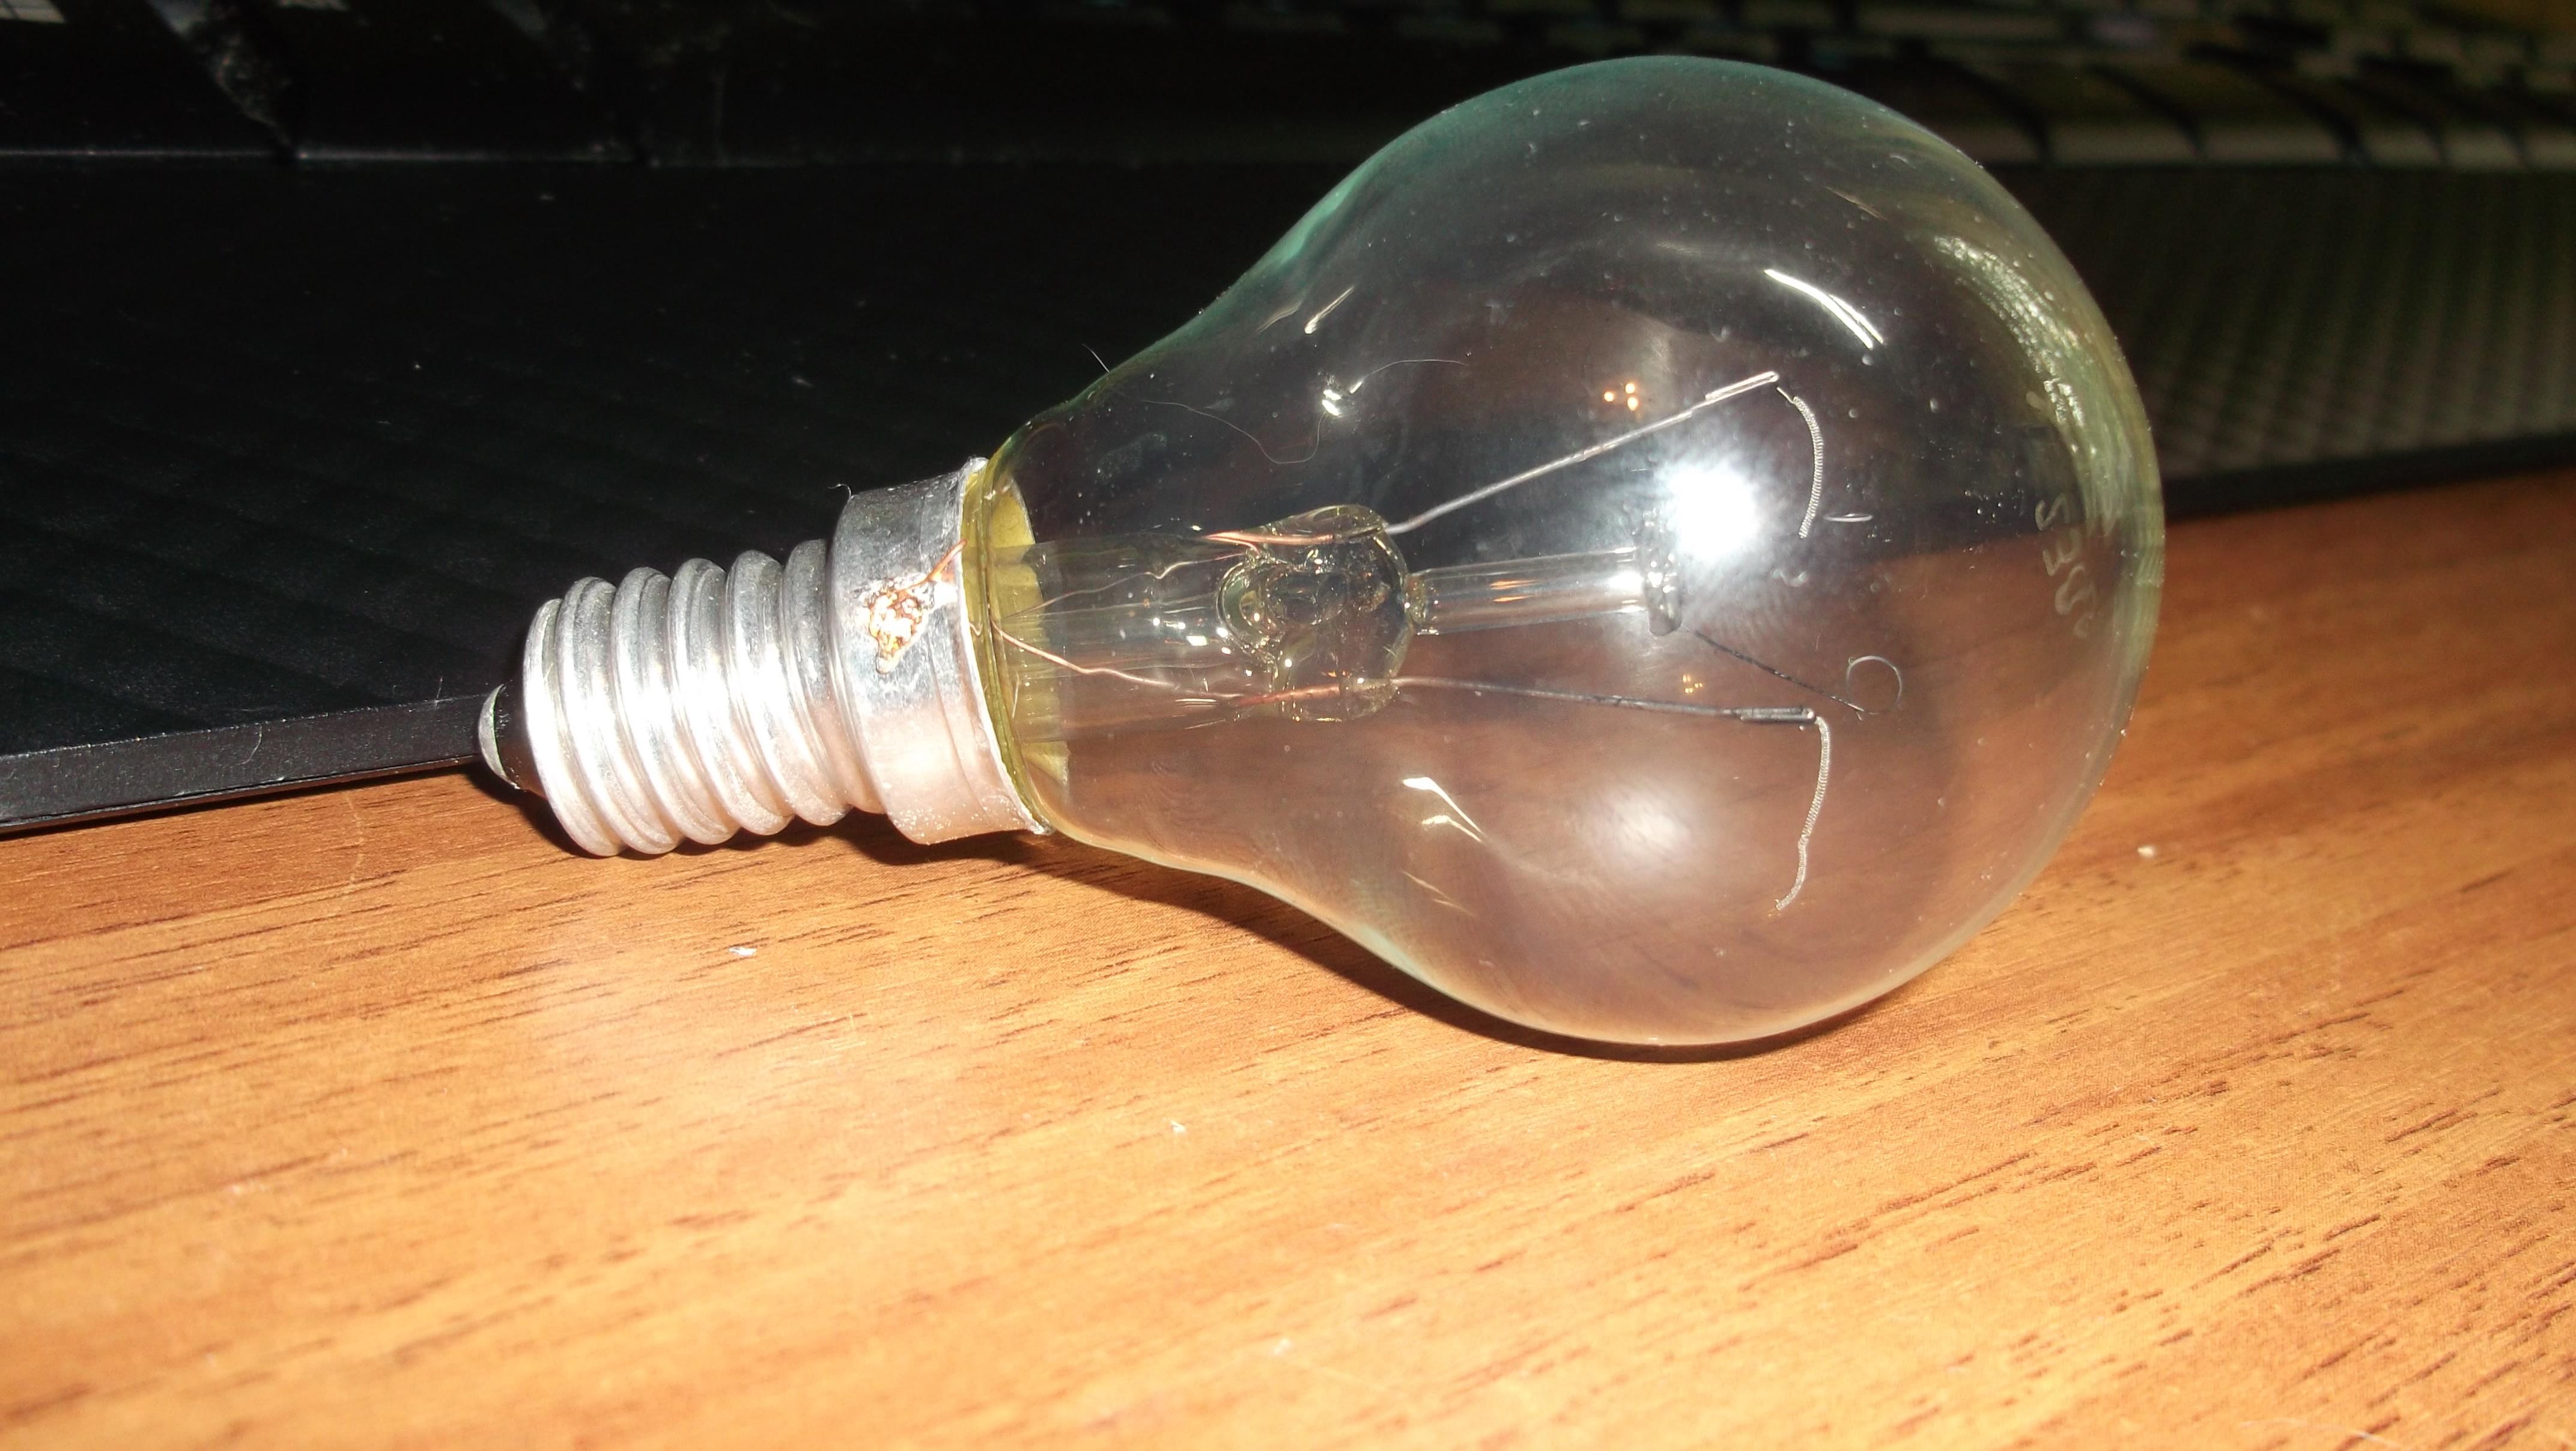 File:BROKEN LAMP FAVOR 230 40 LEFT.JPG - Wikimedia Commons